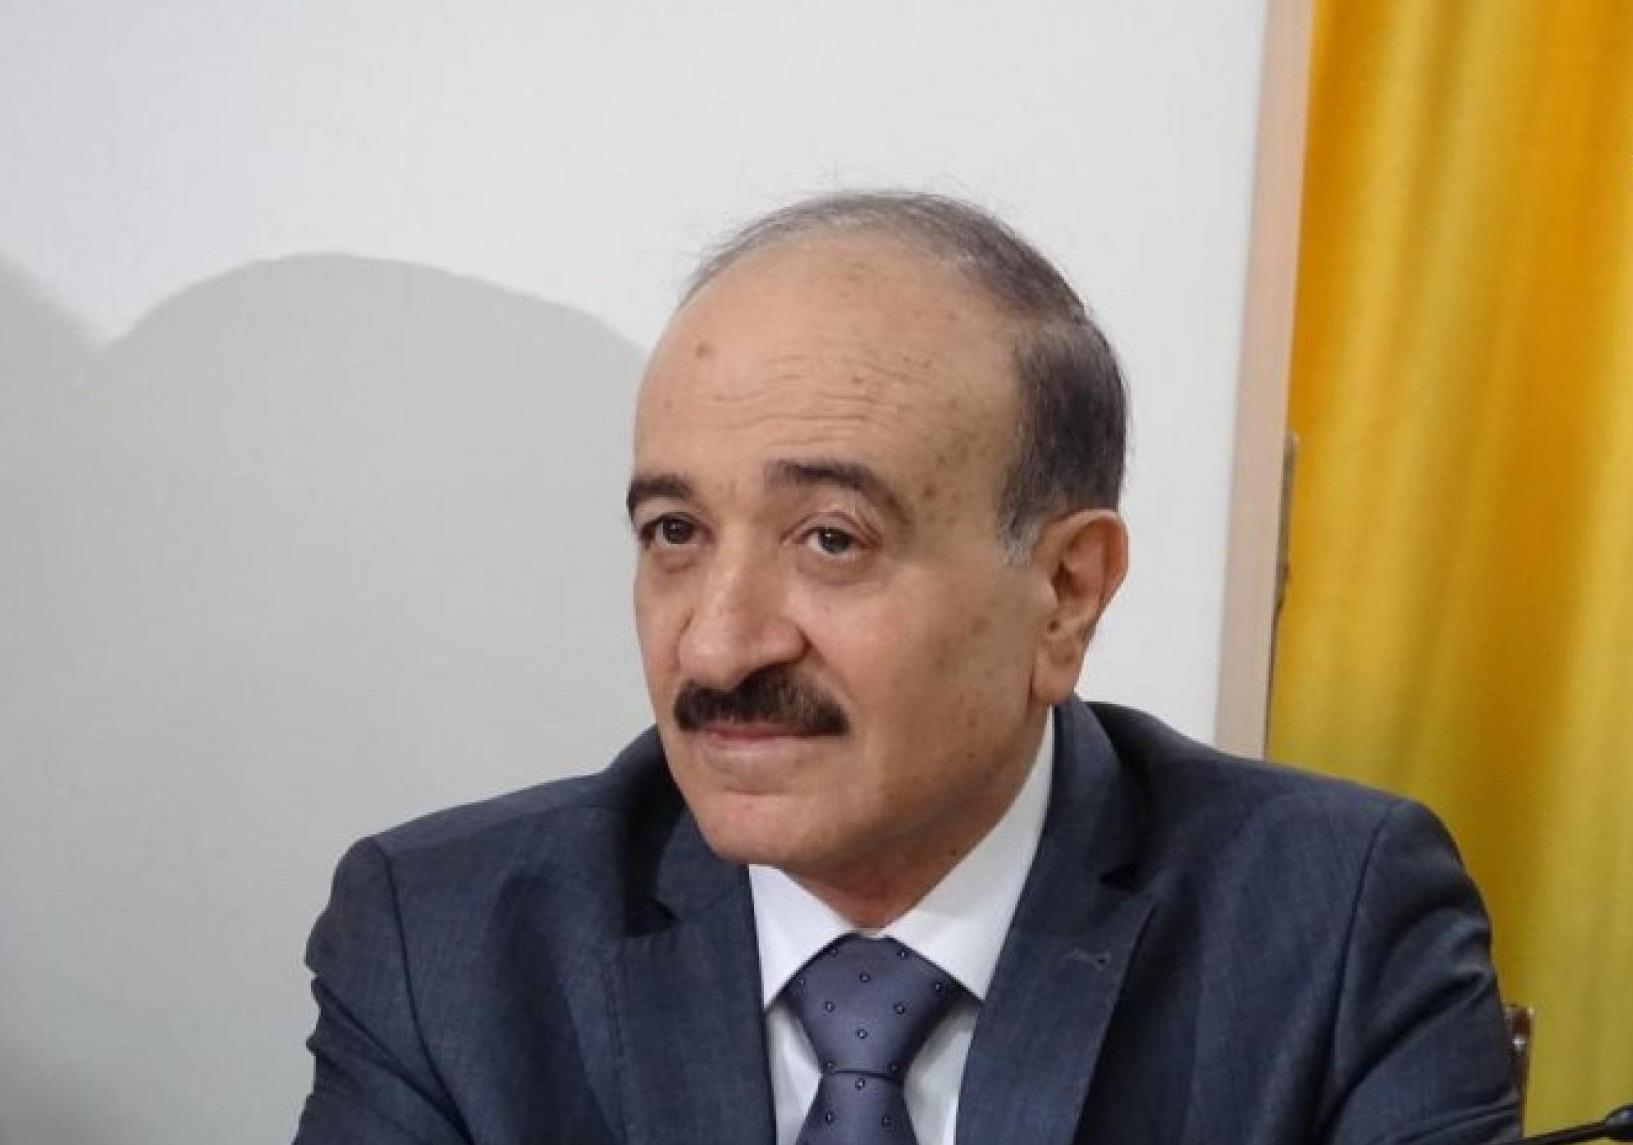 وزيـر الداخـلية؛ نعتذر من المواطنين على التأخر باصدار الجوازات